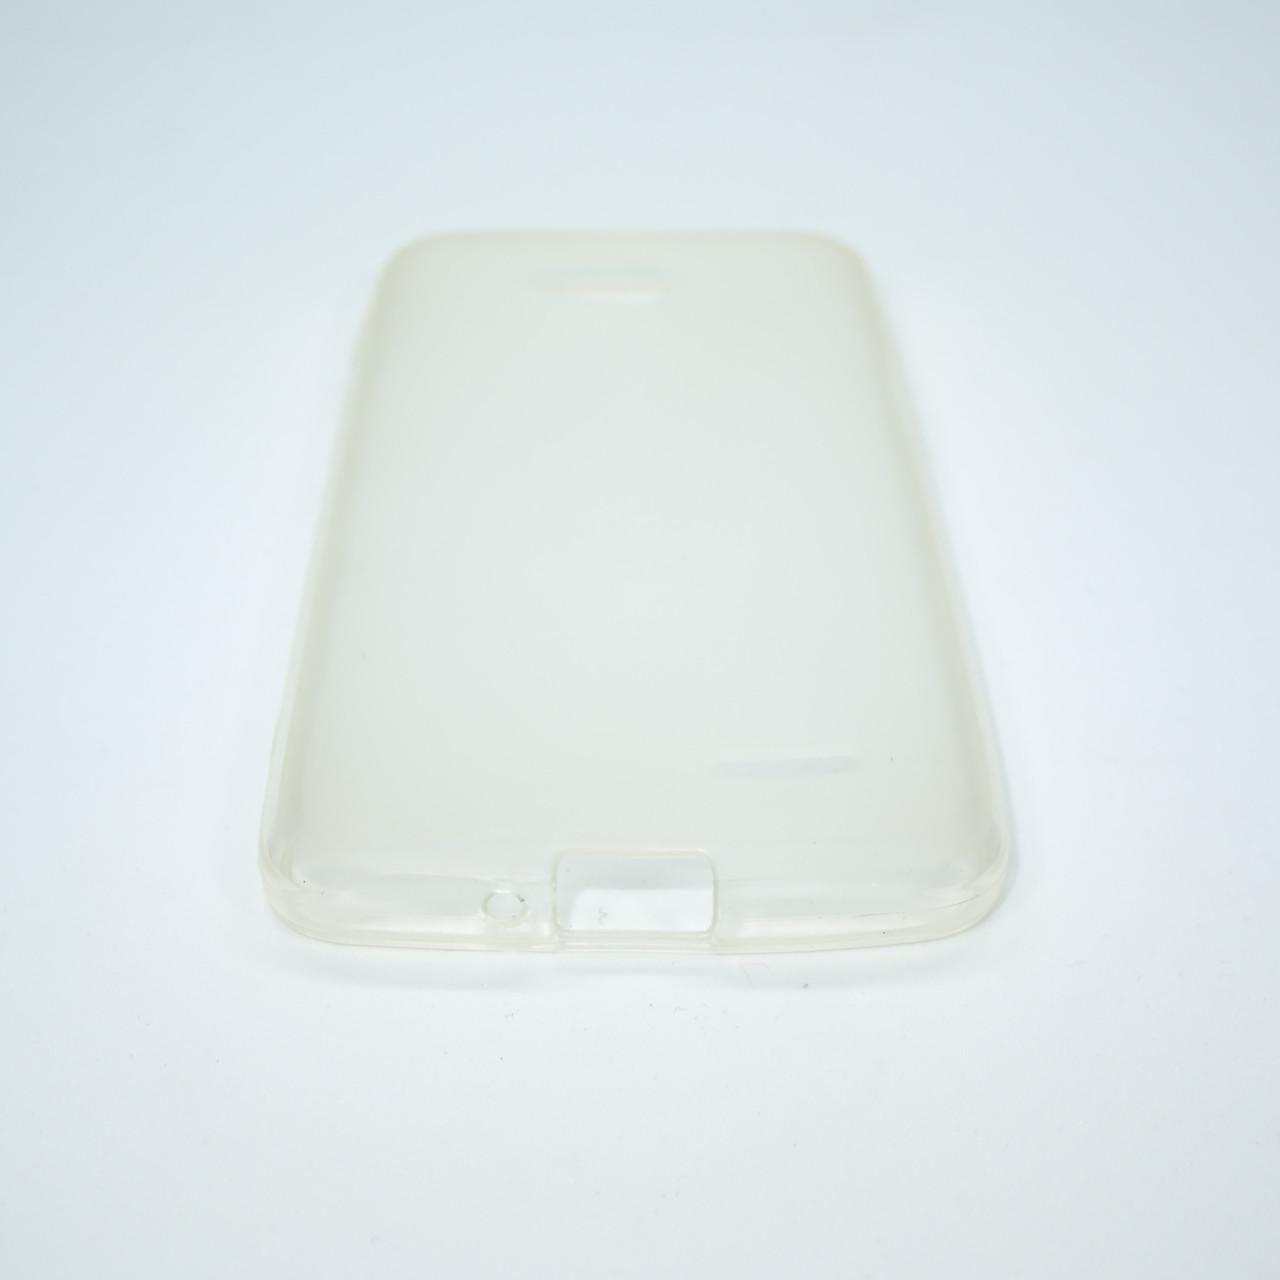 Чехлы для LG TPU L90 2 Dual Для телефона